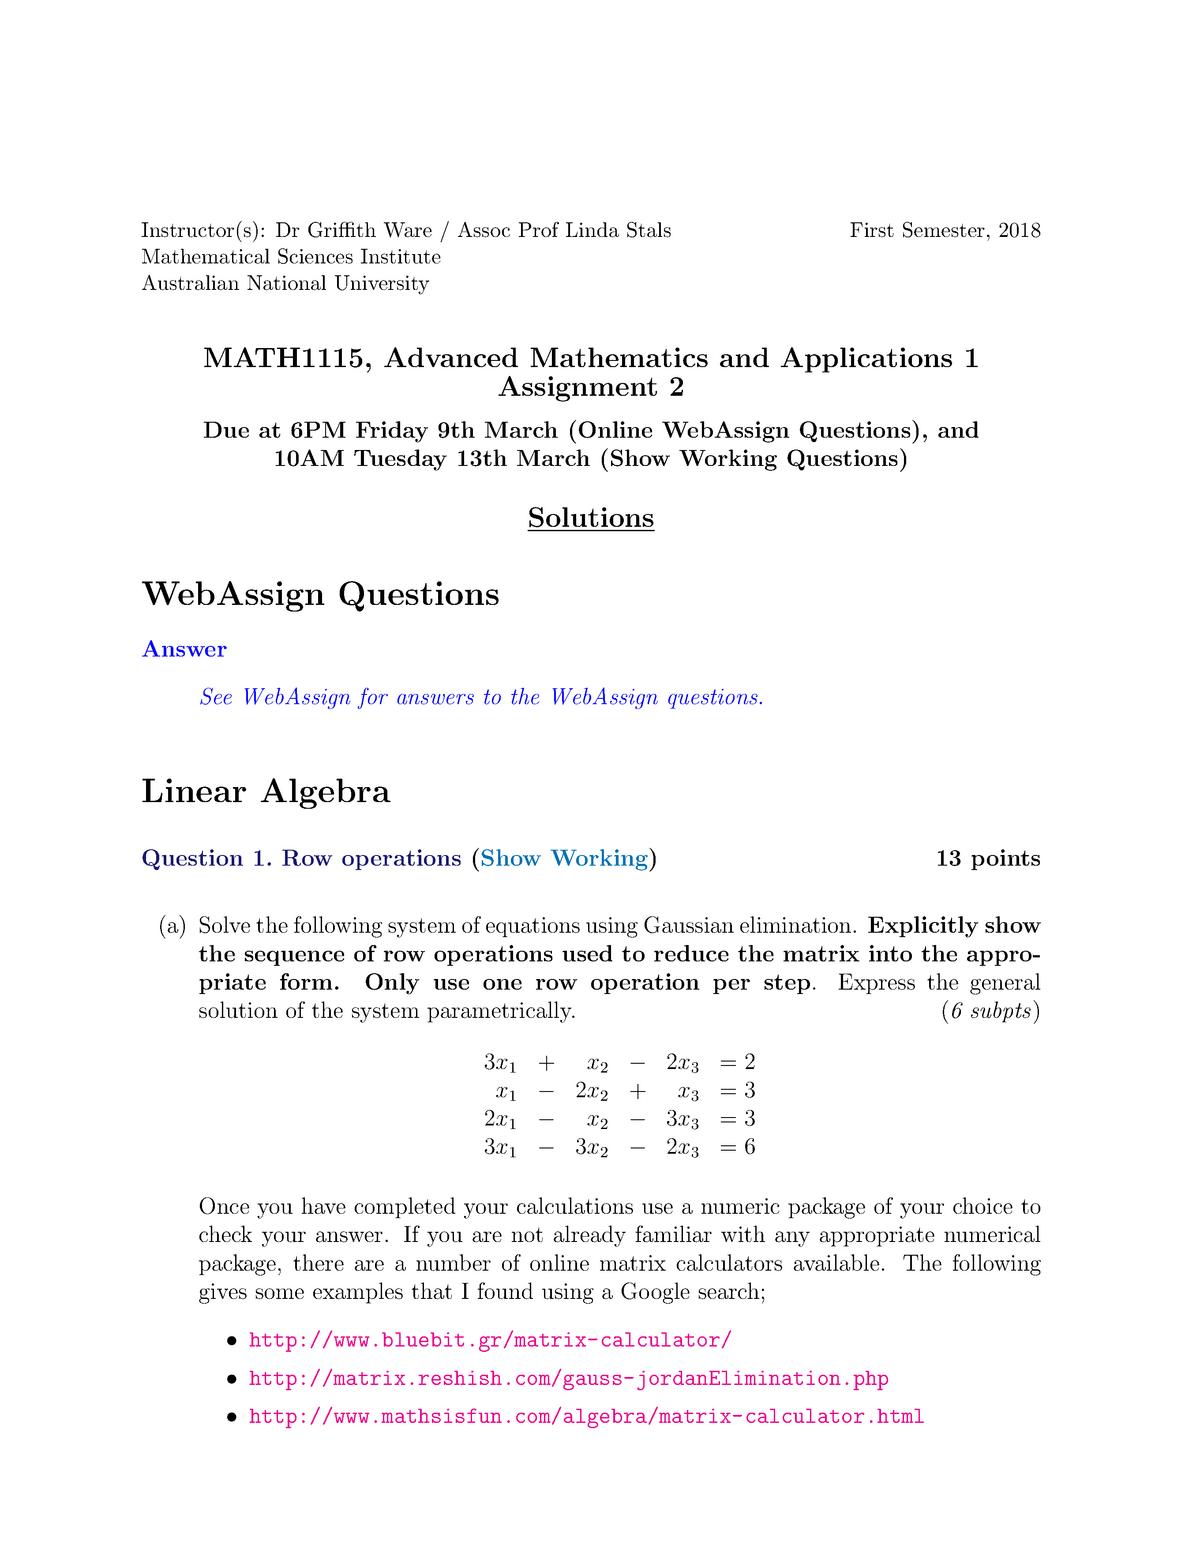 MATH1115 S1 2018 Assignment 02 a - MATH1115: Mathematics and